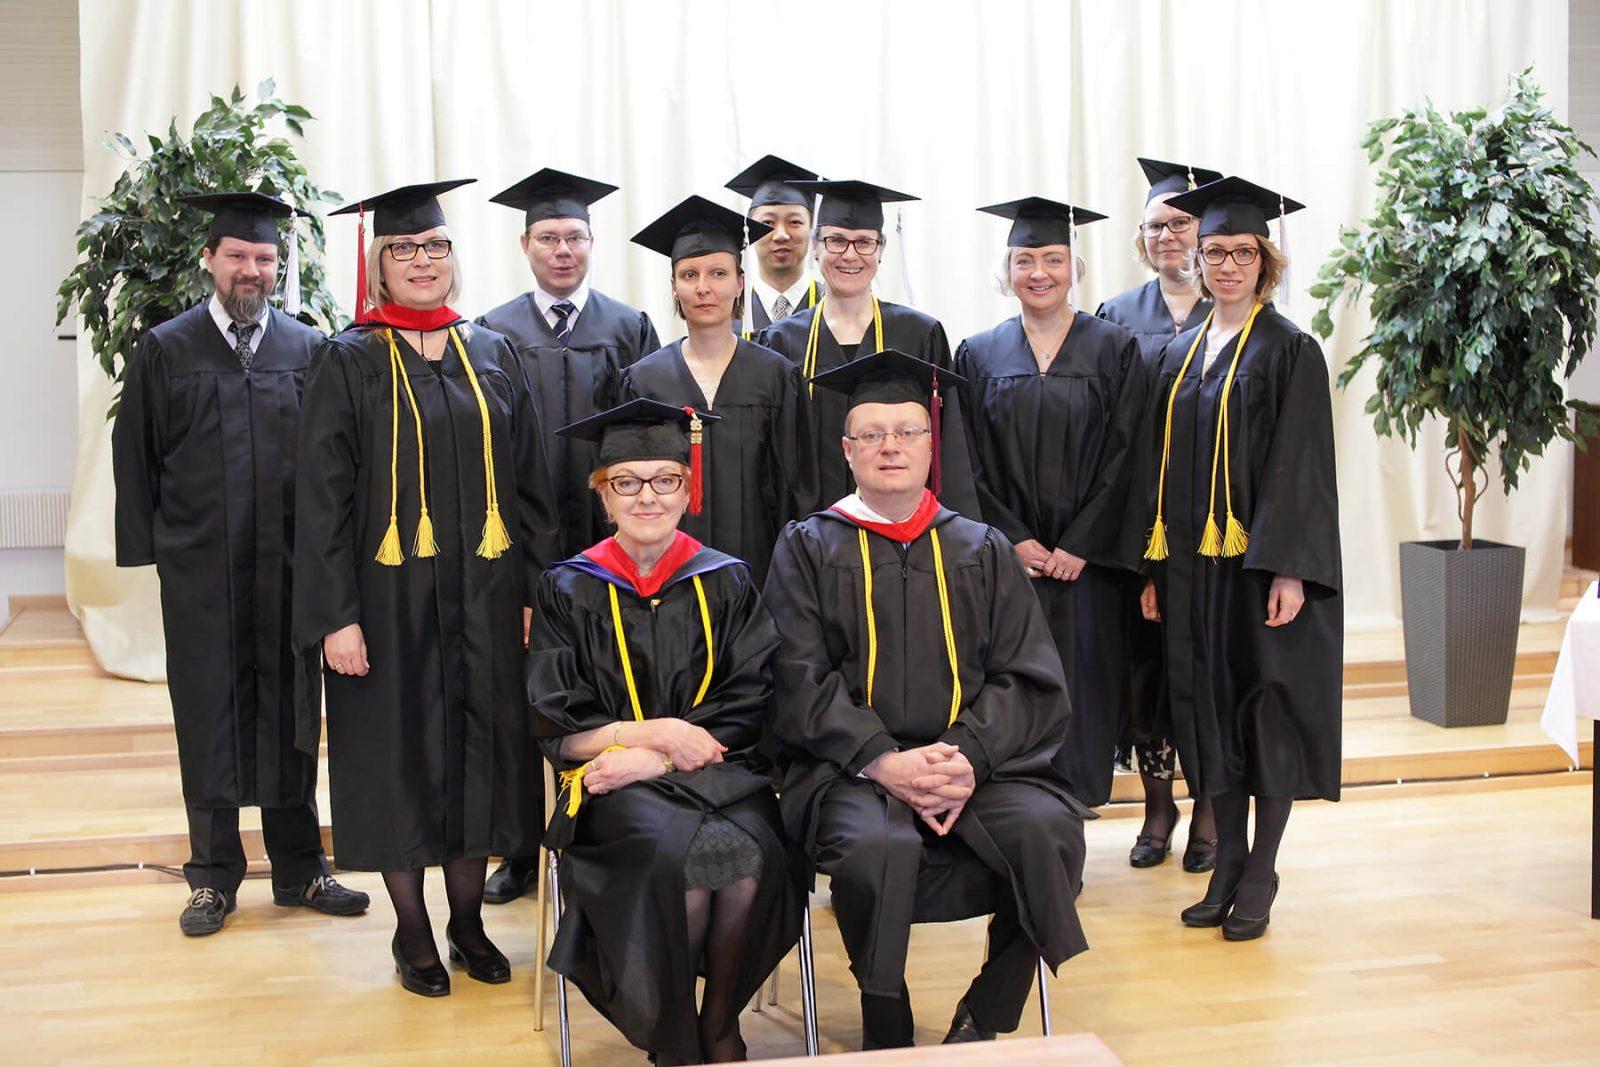 Finland grads